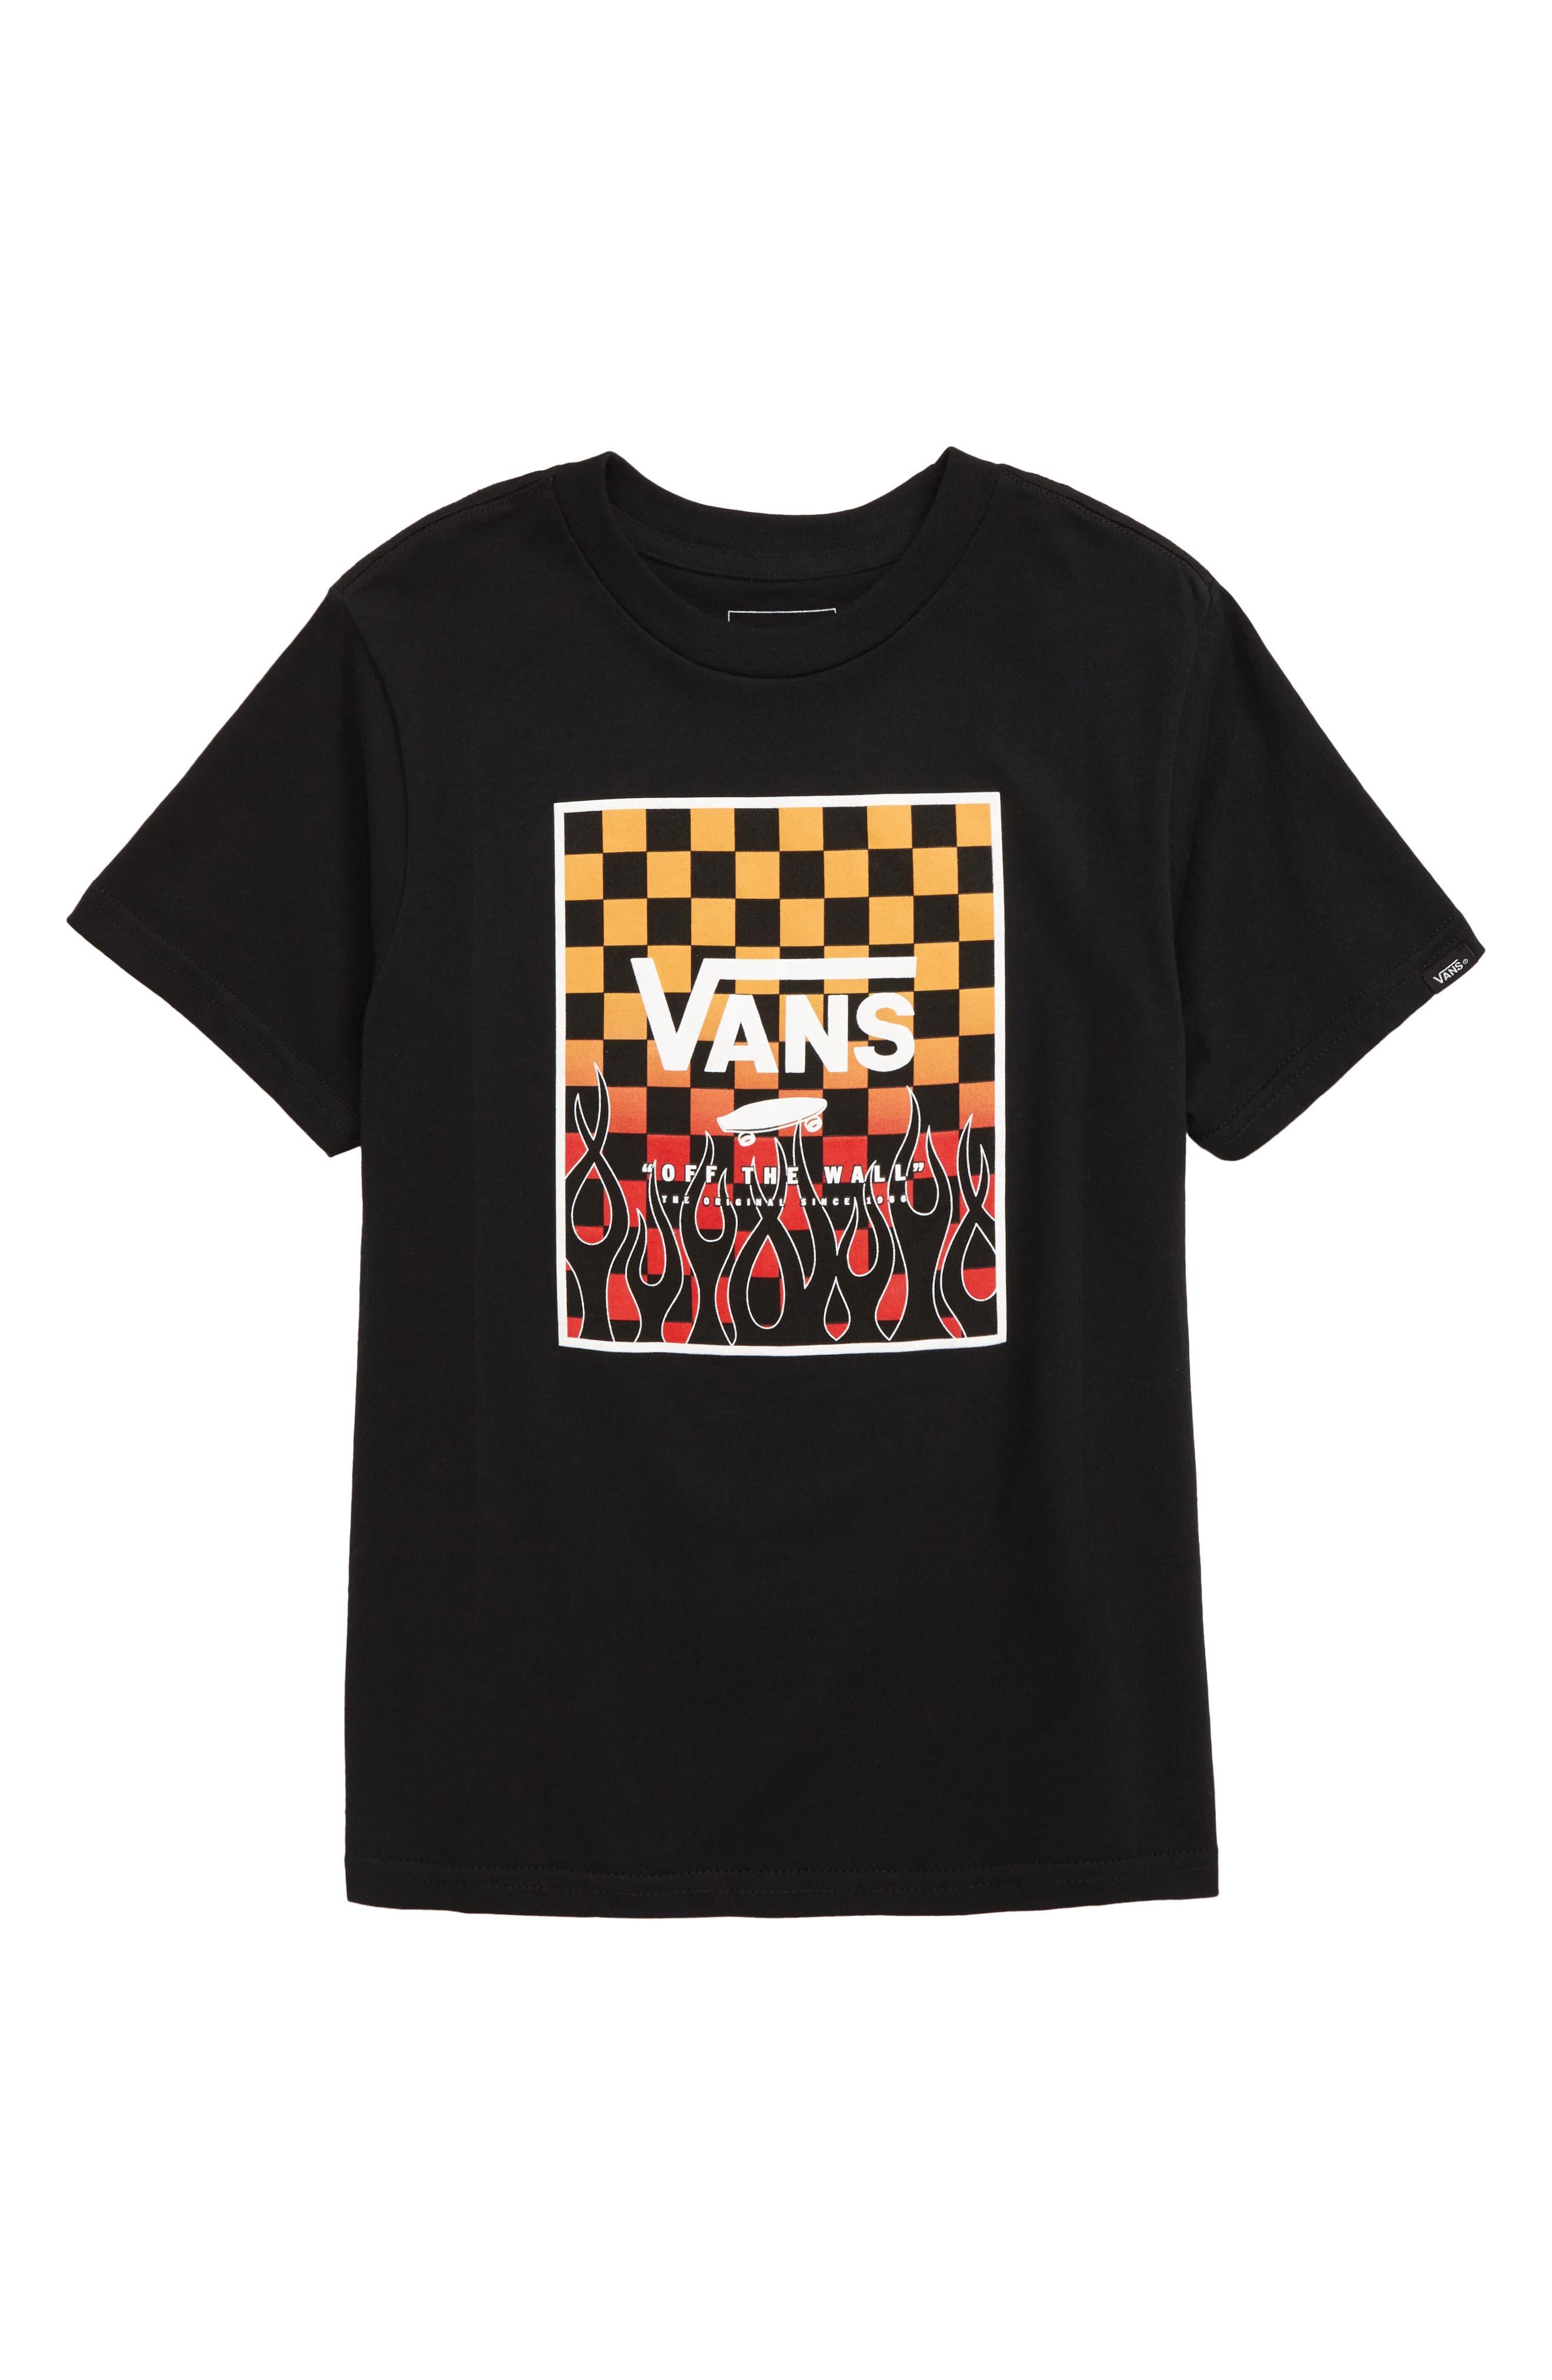 Vans HoodiesNordstrom ApparelT Vans ShirtsJeansPantsamp; Kids' Kids' ShirtsJeansPantsamp; ApparelT HoodiesNordstrom gf76byY